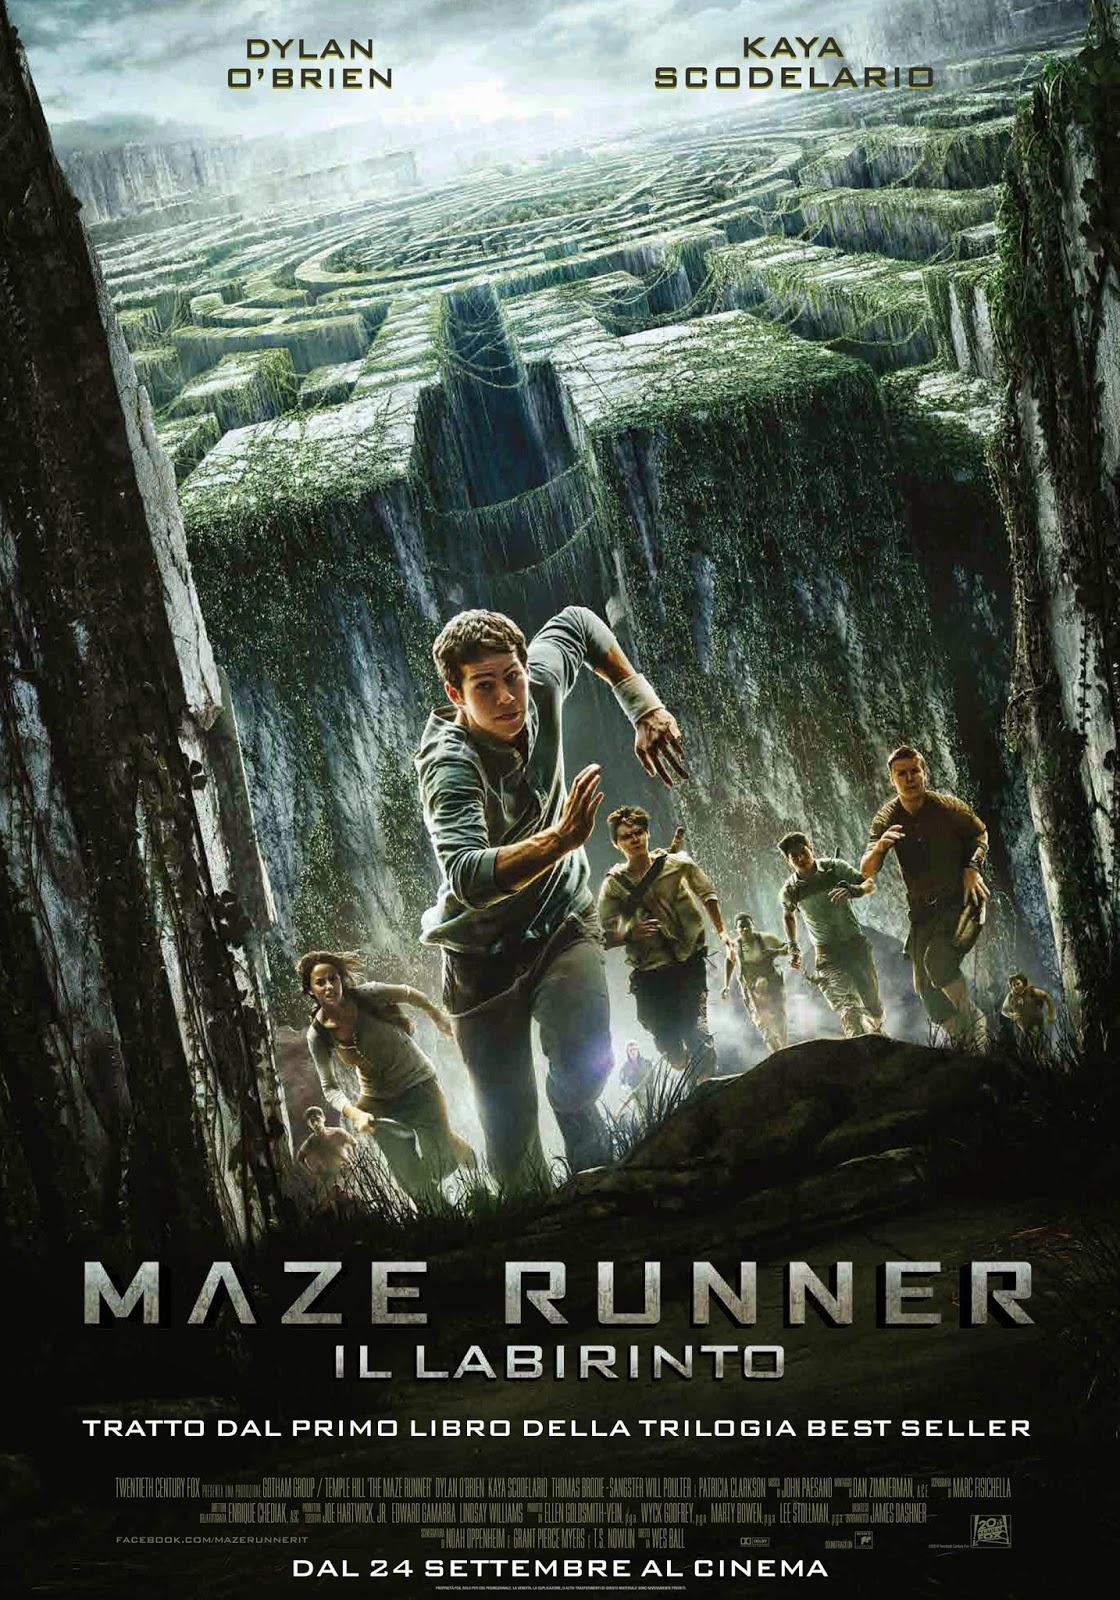 Maze Runner recensione